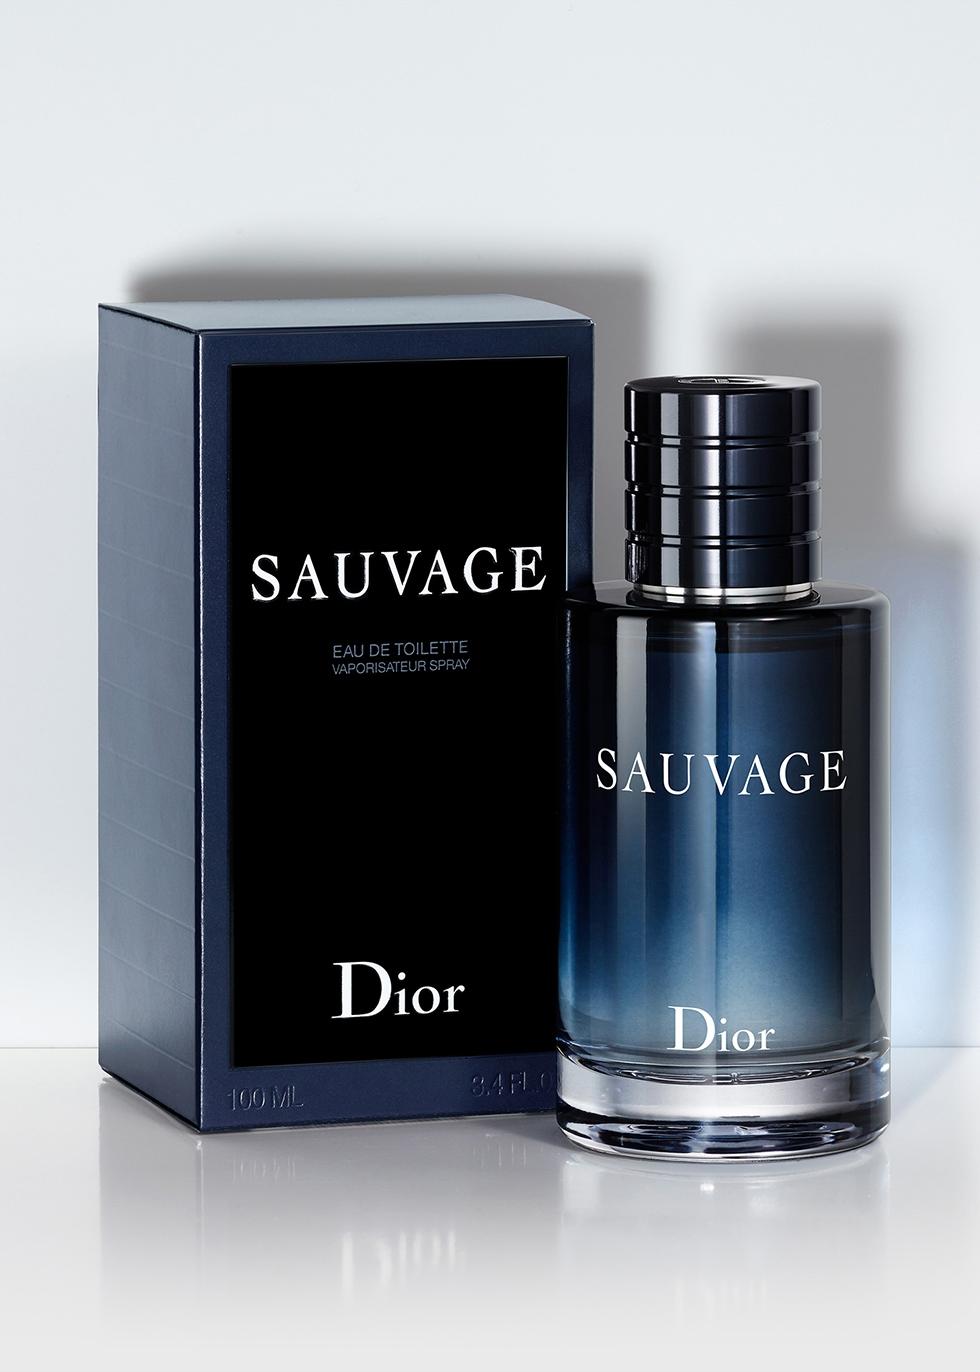 Sauvage Eau de Toilette 60ml - Dior